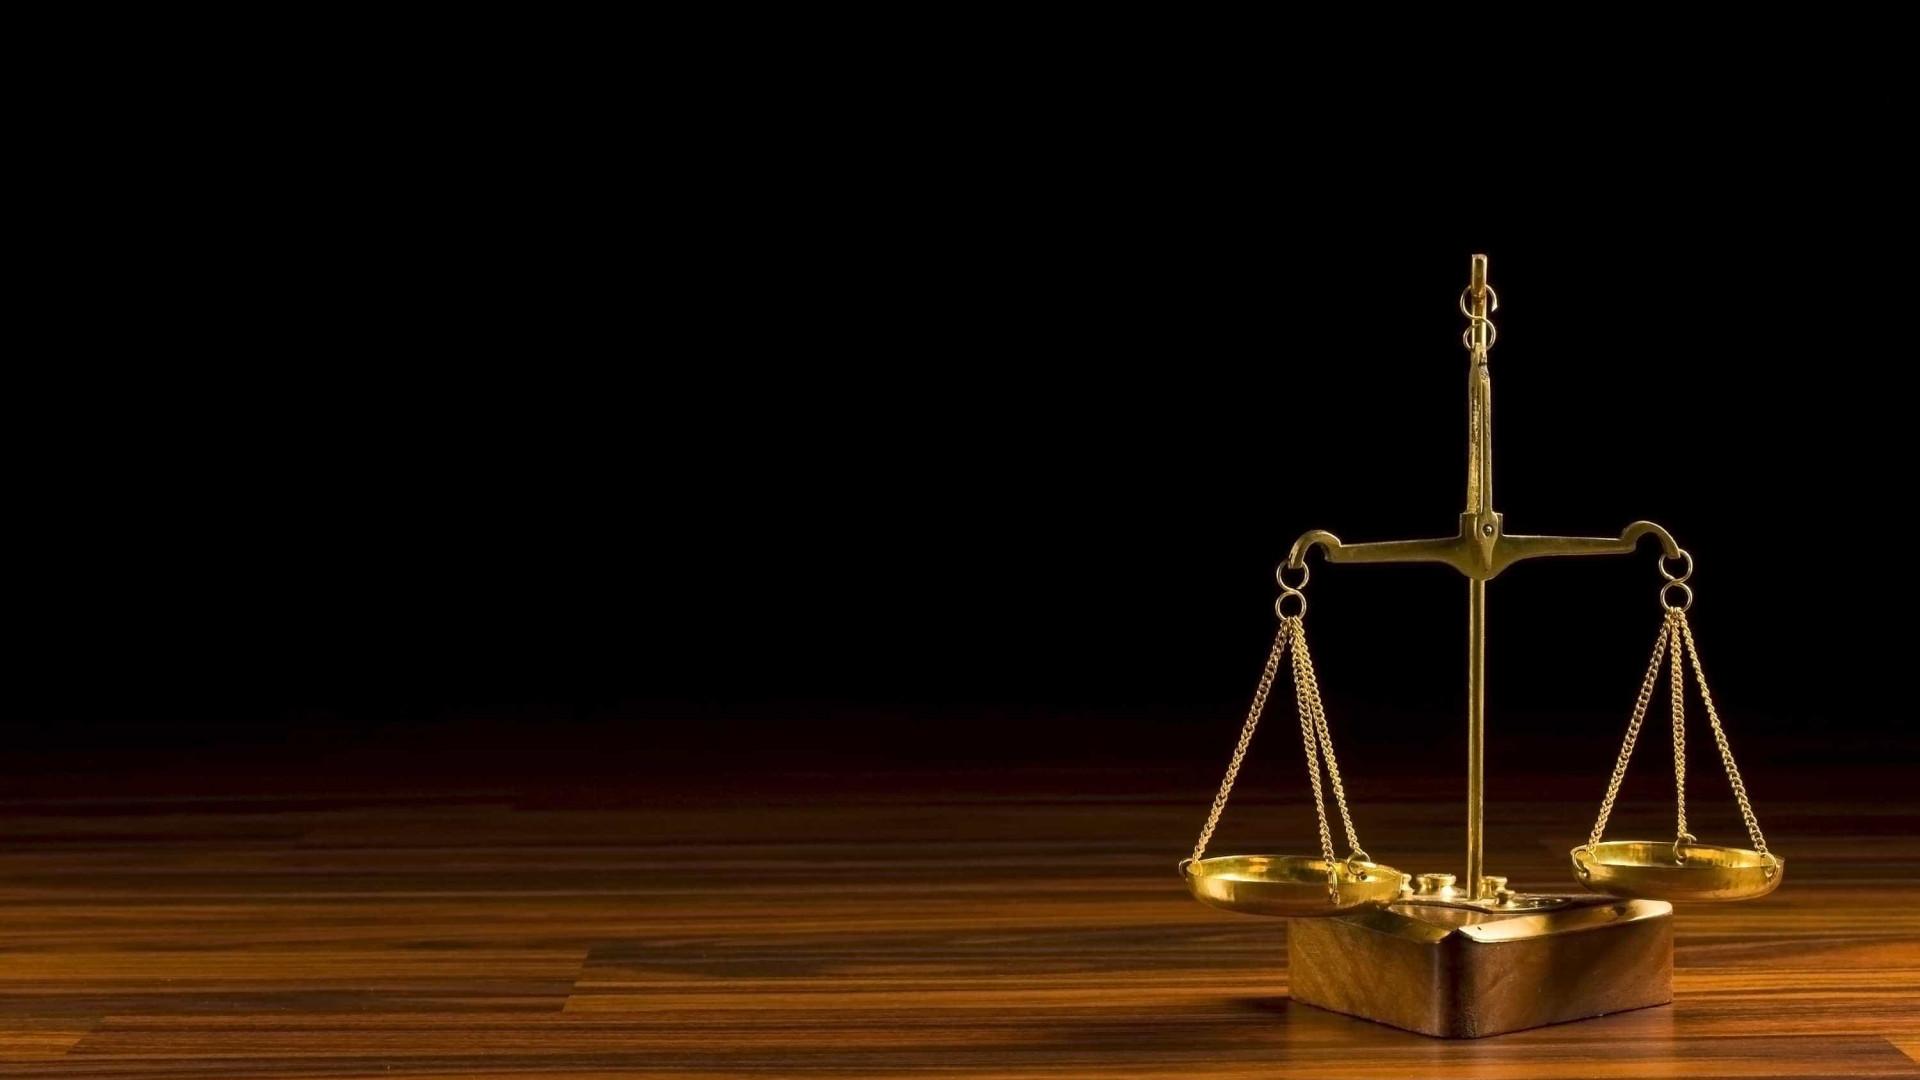 Tribunal condena 24 ativistas a penas entre um a 12 anos de prisão